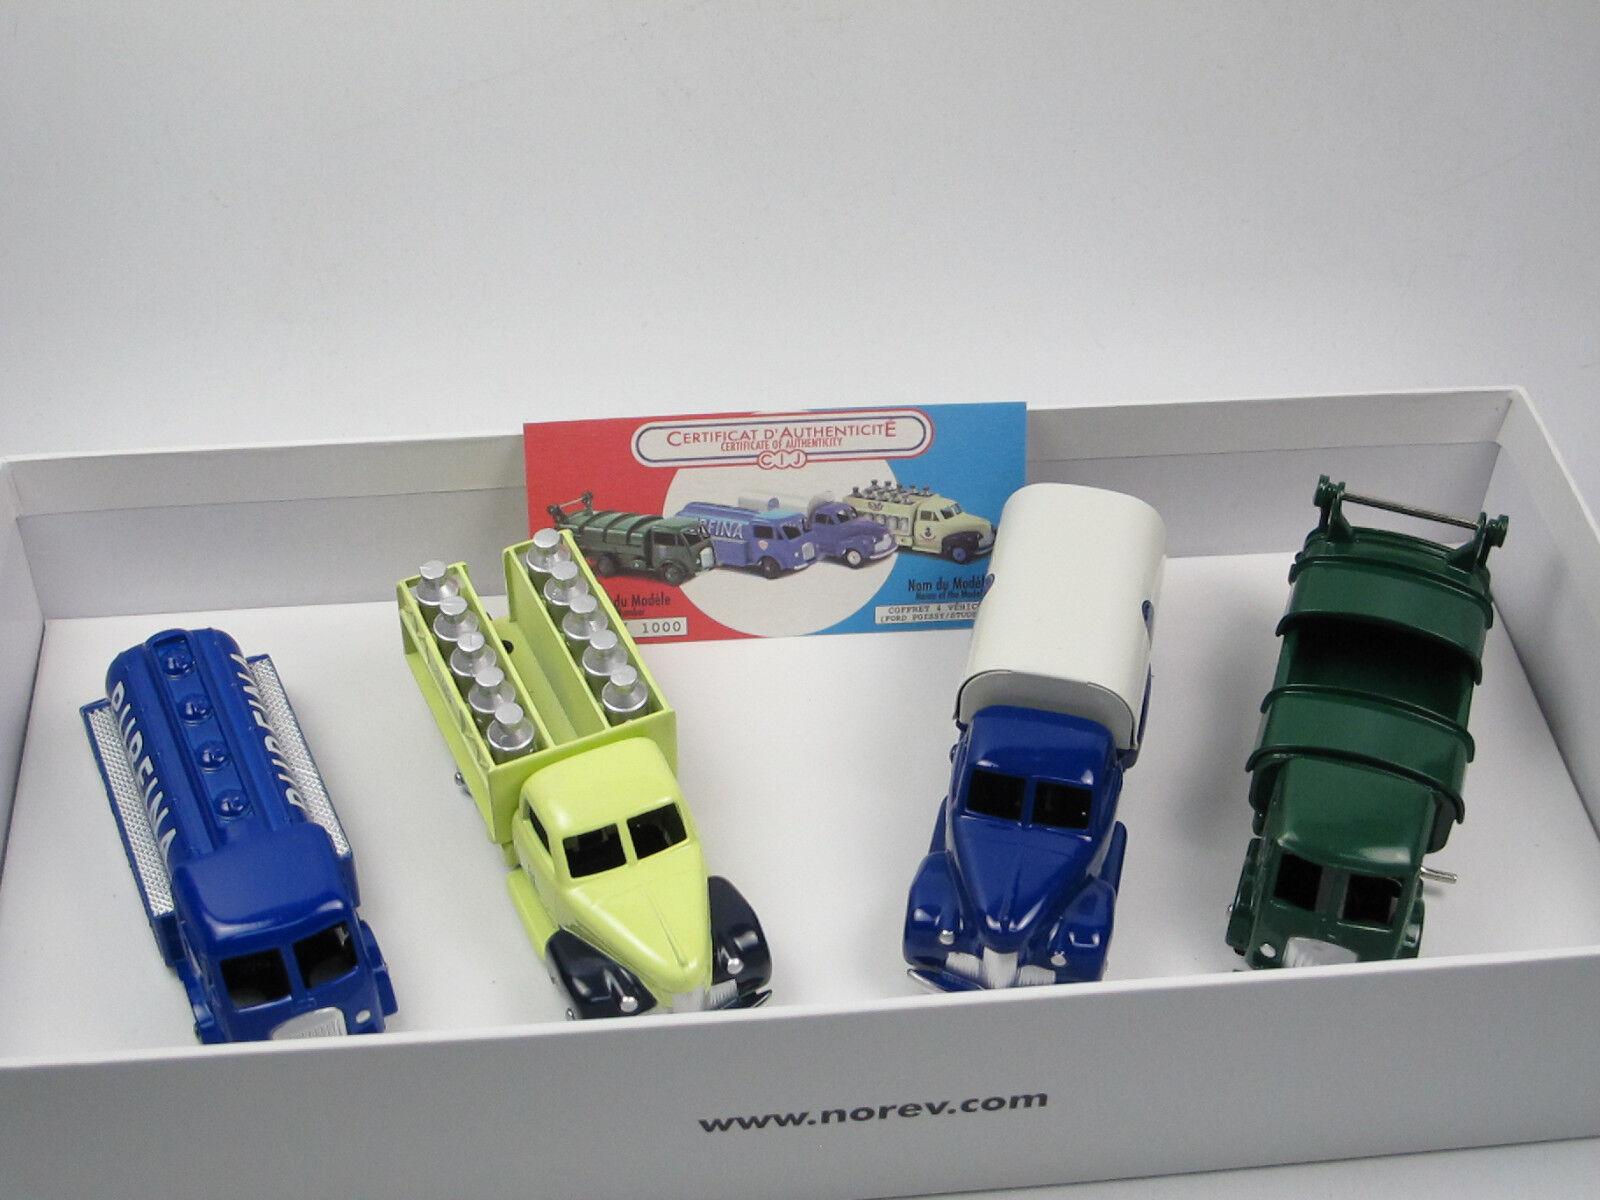 ahorra hasta un 50% Cij norev c80900-Coffret 4 x camions-Studebaker camions-Studebaker camions-Studebaker + ford construirle 1 43 - nuevo embalaje original  precios bajos